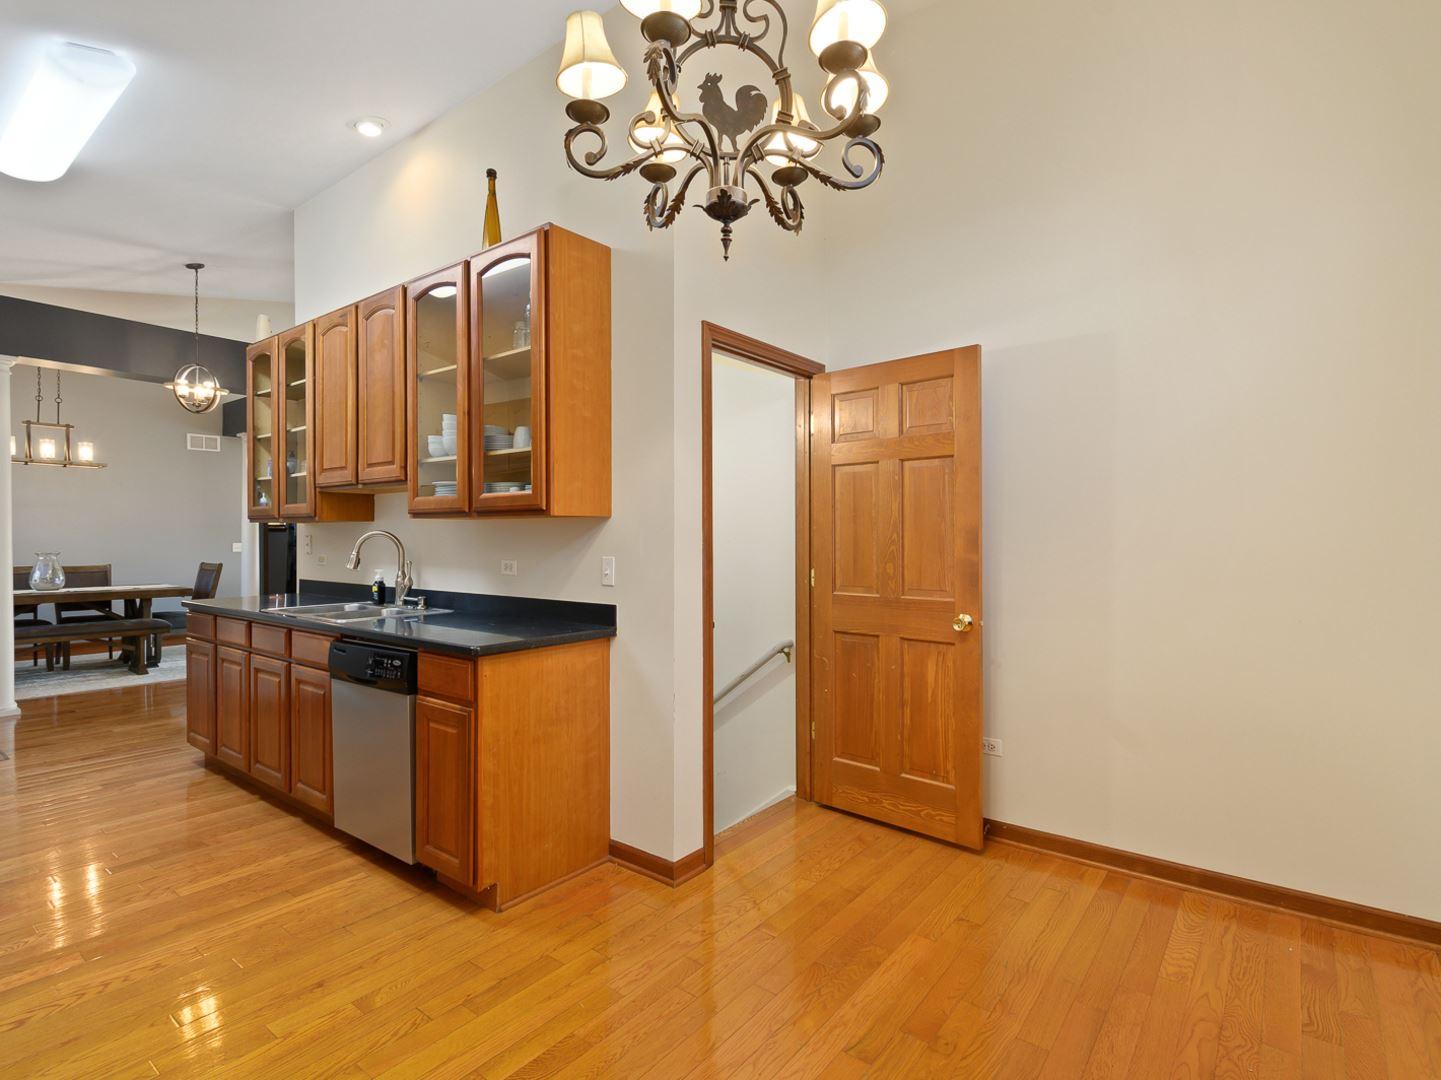 Photo of 947 Brassfield Avenue, Romeoville, IL 60446 (MLS # 10925652)